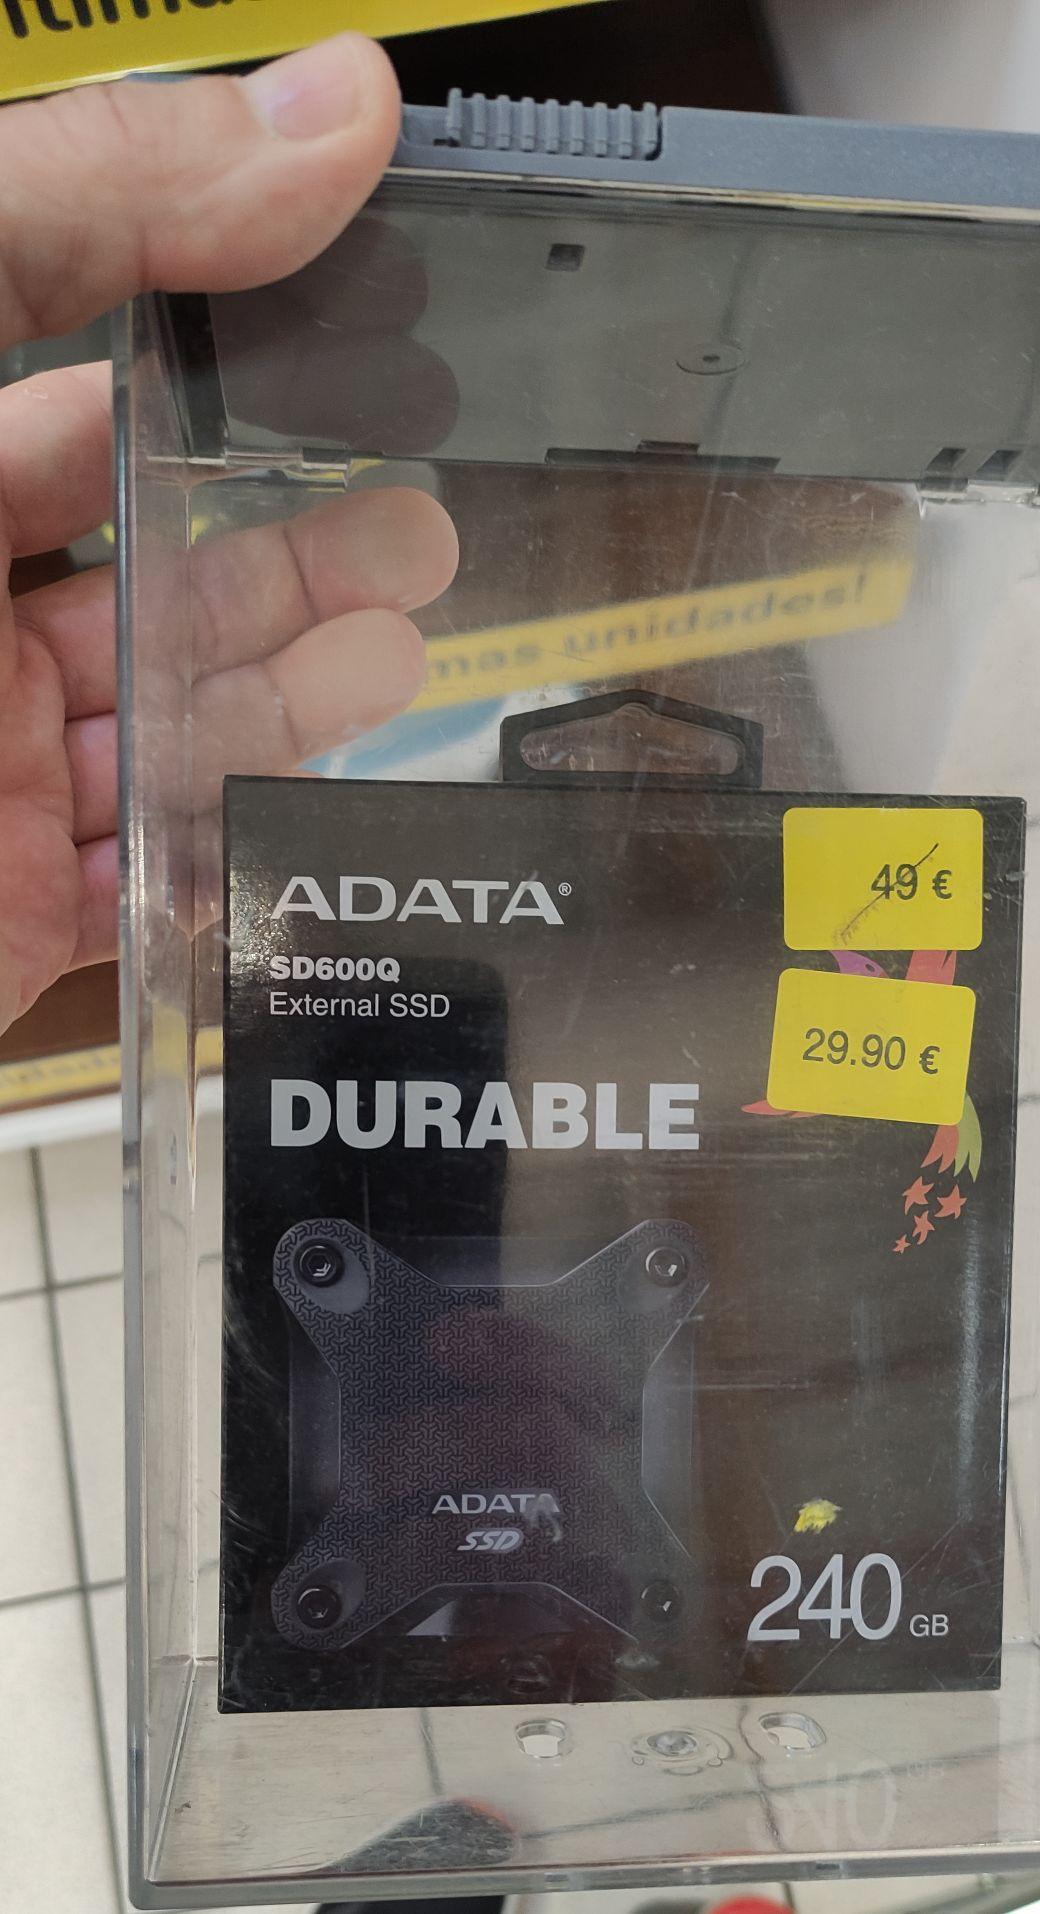 SSD externo Adata 240Gb en Carrefour Roquetas